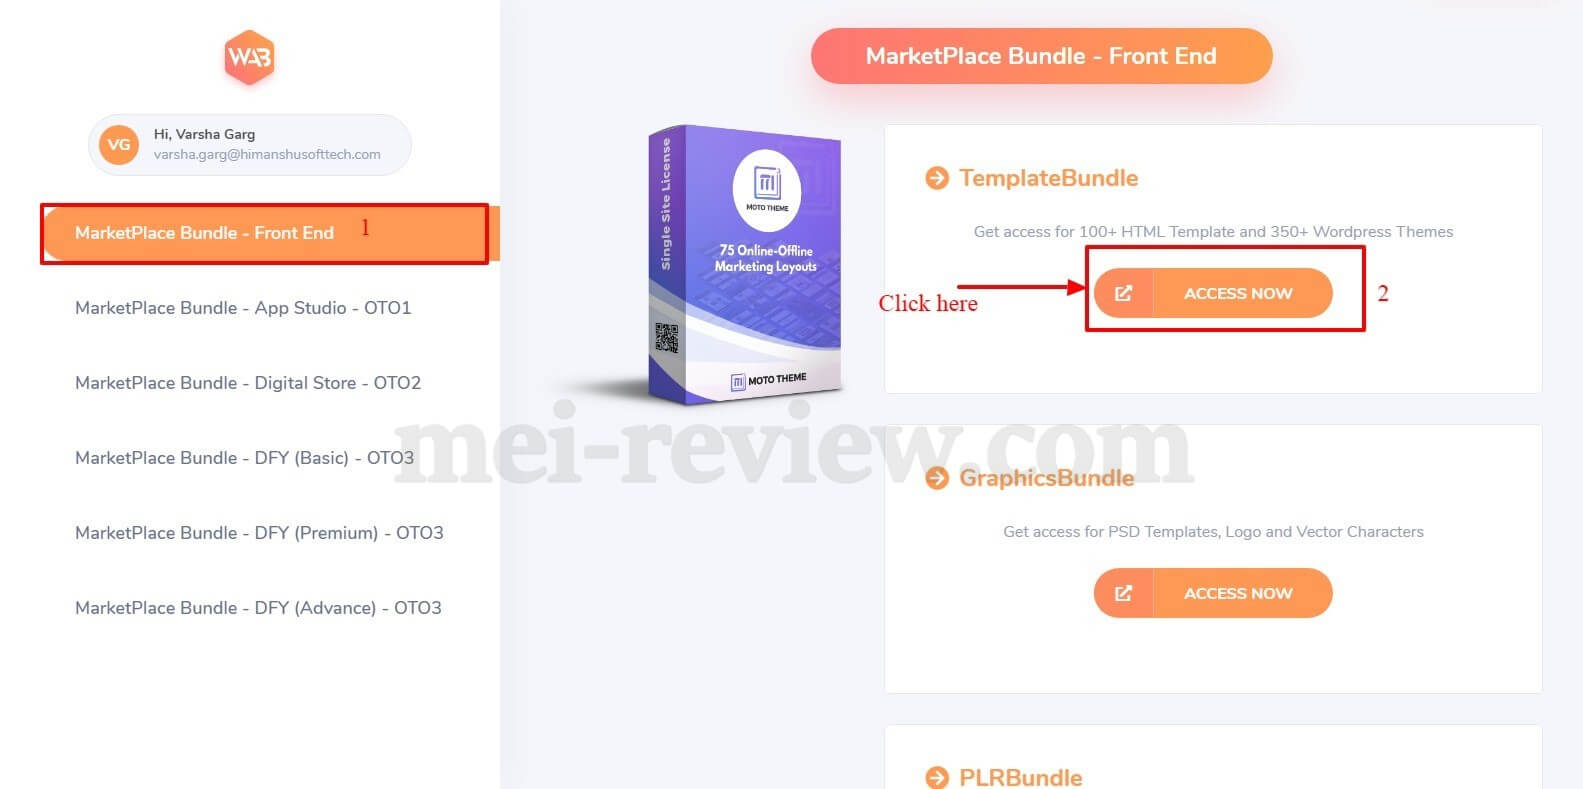 MarketPlace-Bundle-Review-1a